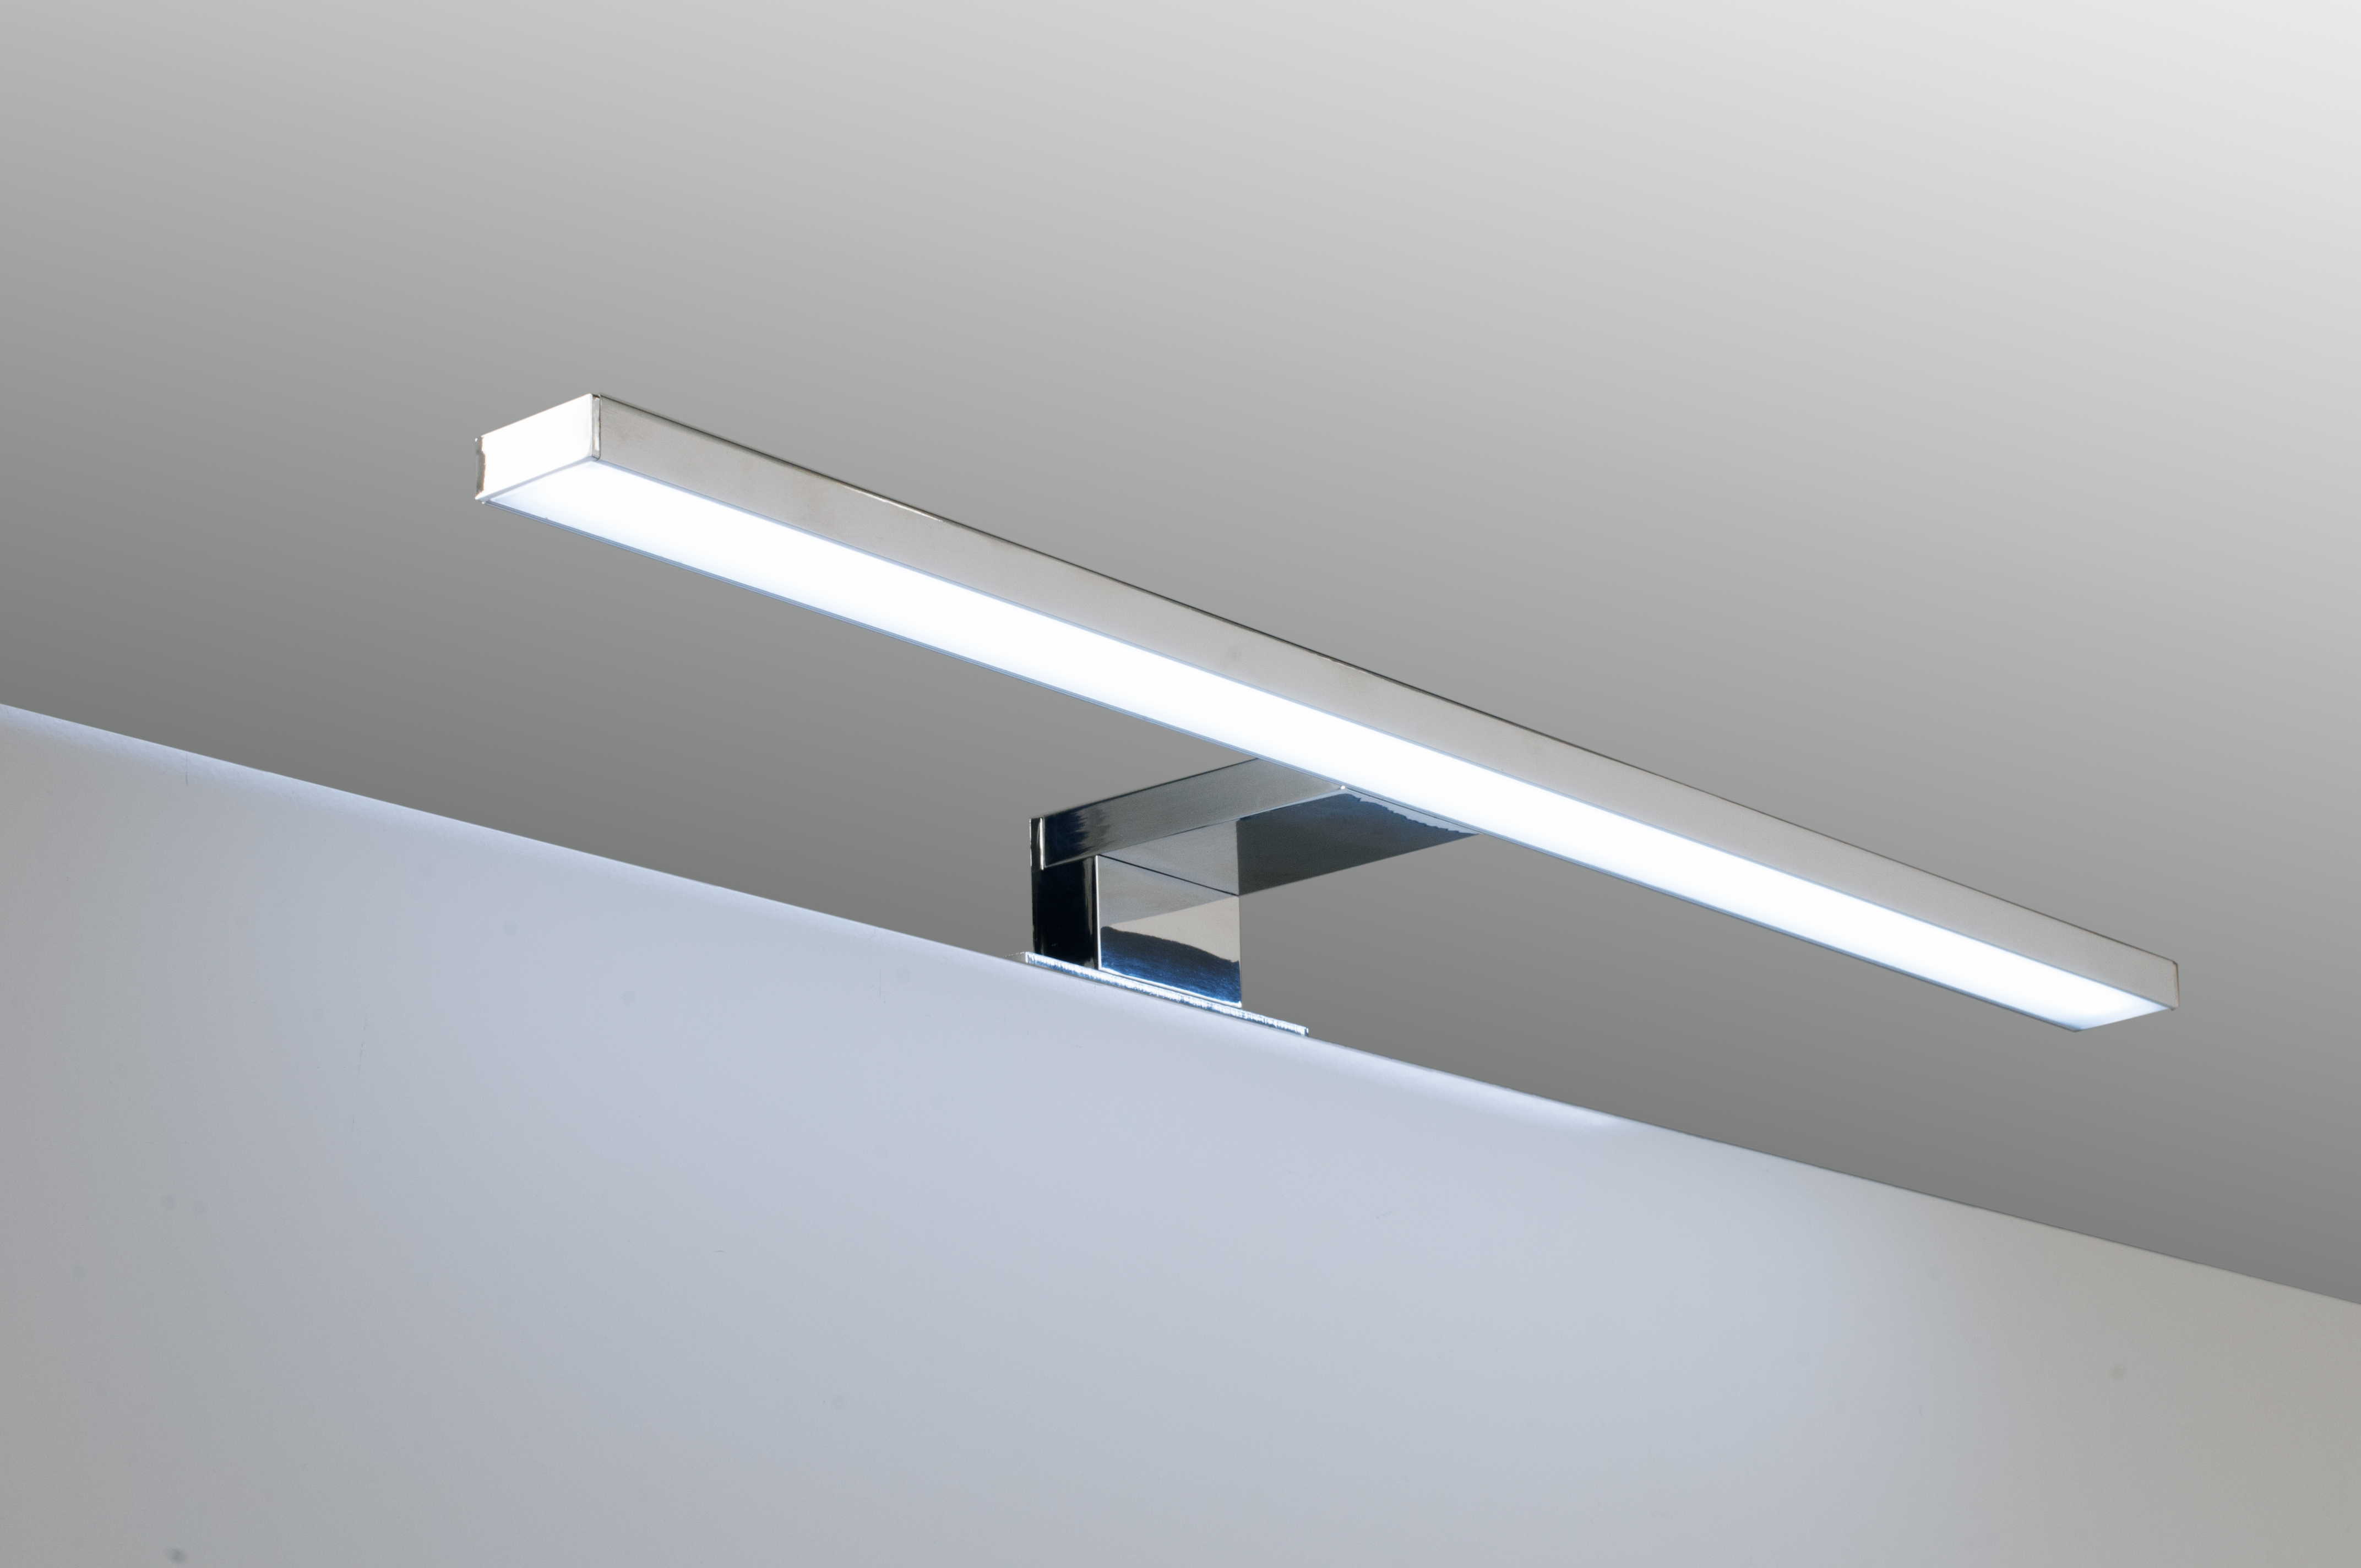 Illuminazione Bagno A Parete applique e lampada a sospensione. applique da parete